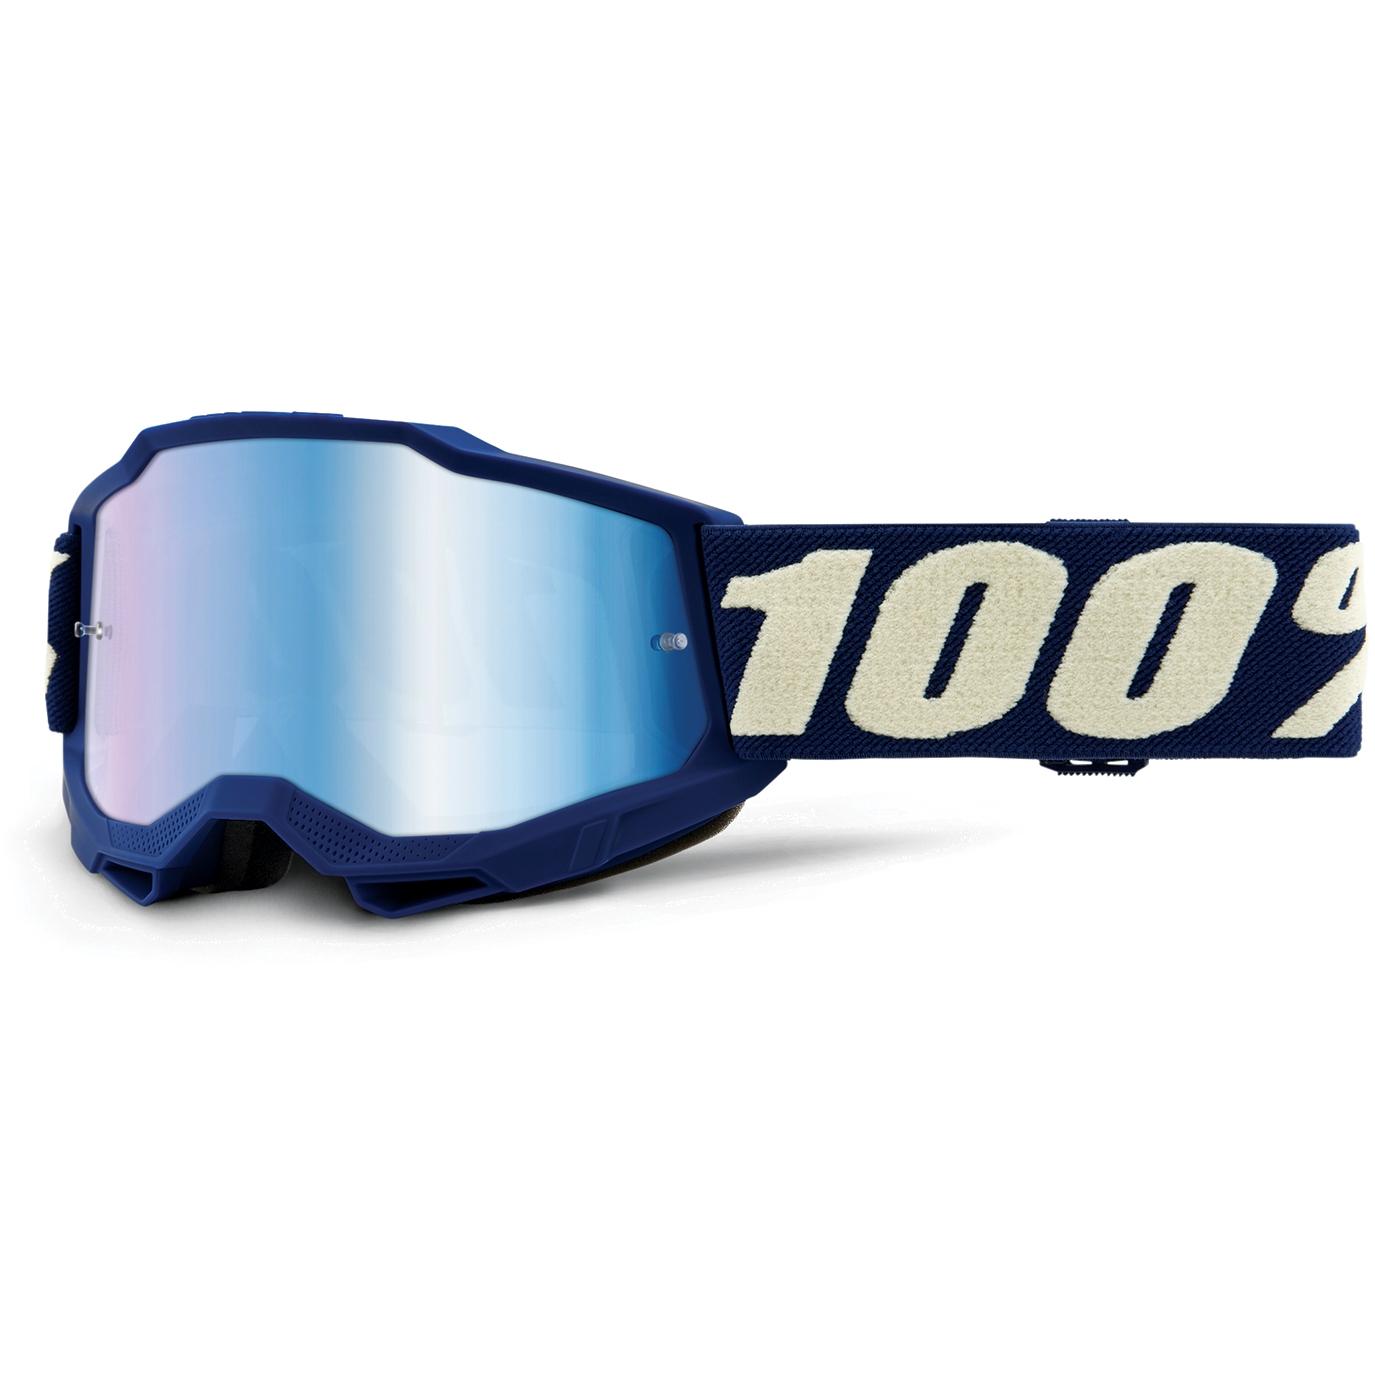 Imagen de 100% Accuri 2 Goggle Mirror Lens Gafas para niños - Deepmarine - Blue Mirror